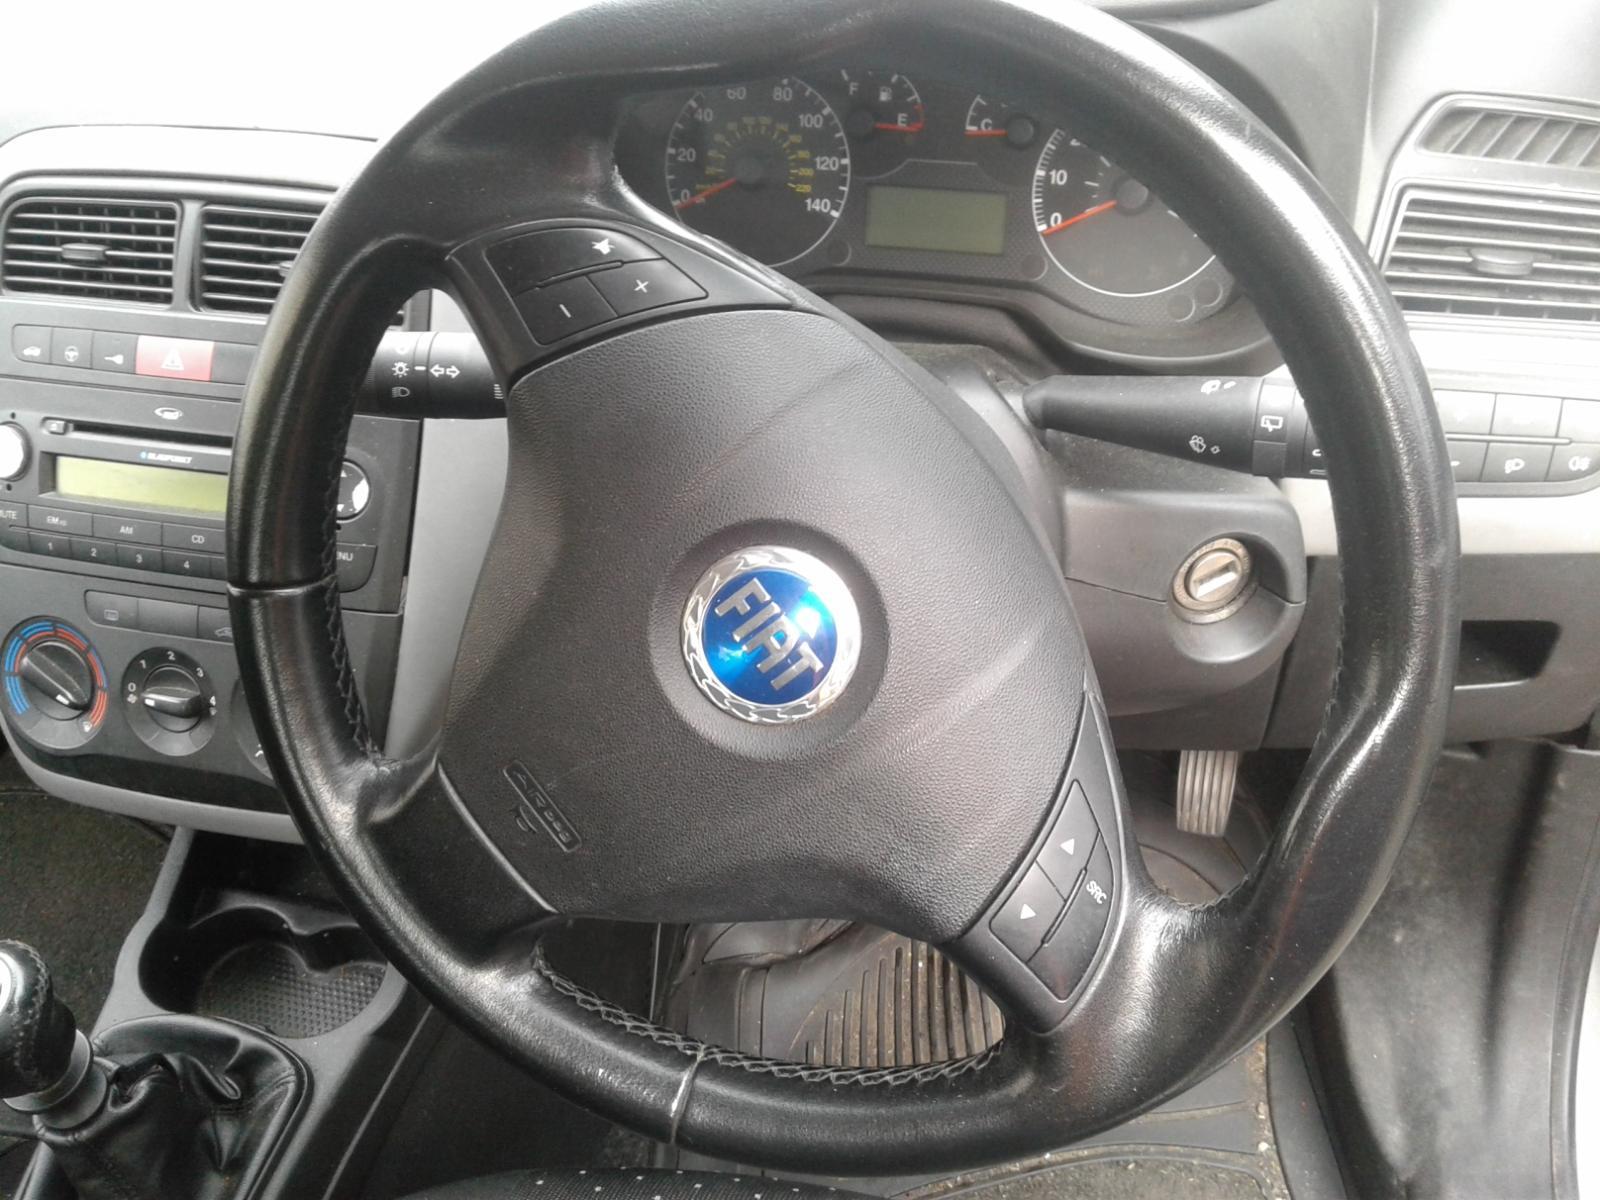 View Auto part FIAT GRANDE PUNTO 2006 3 Door Hatchback